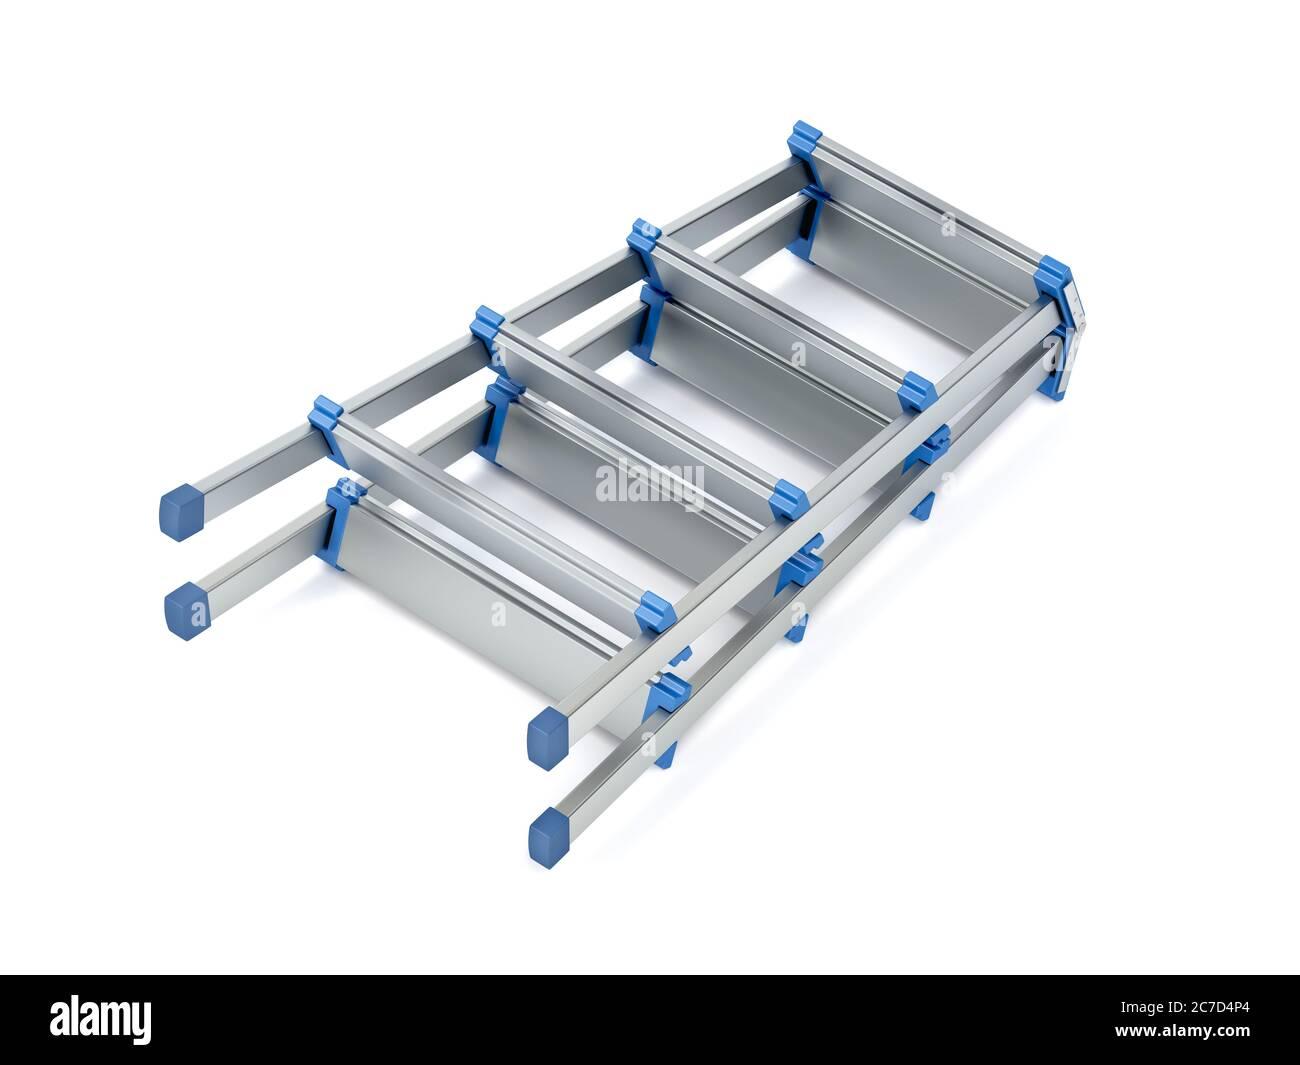 Foldable aluminum stepladder on white background Stock Photo